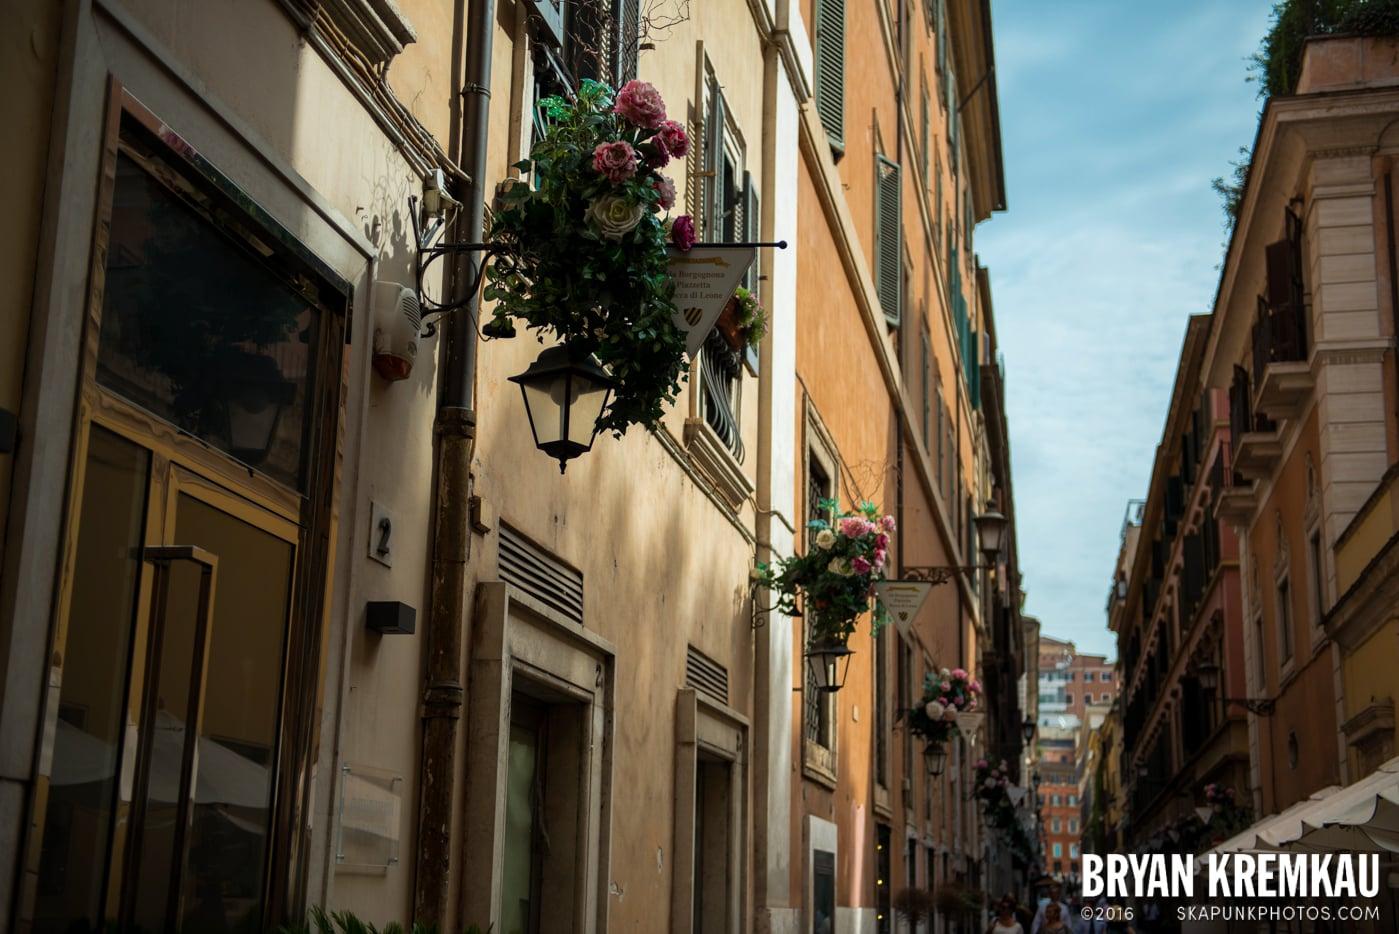 Italy Vacation - Day 1: Rome - 9.9.13 (69)